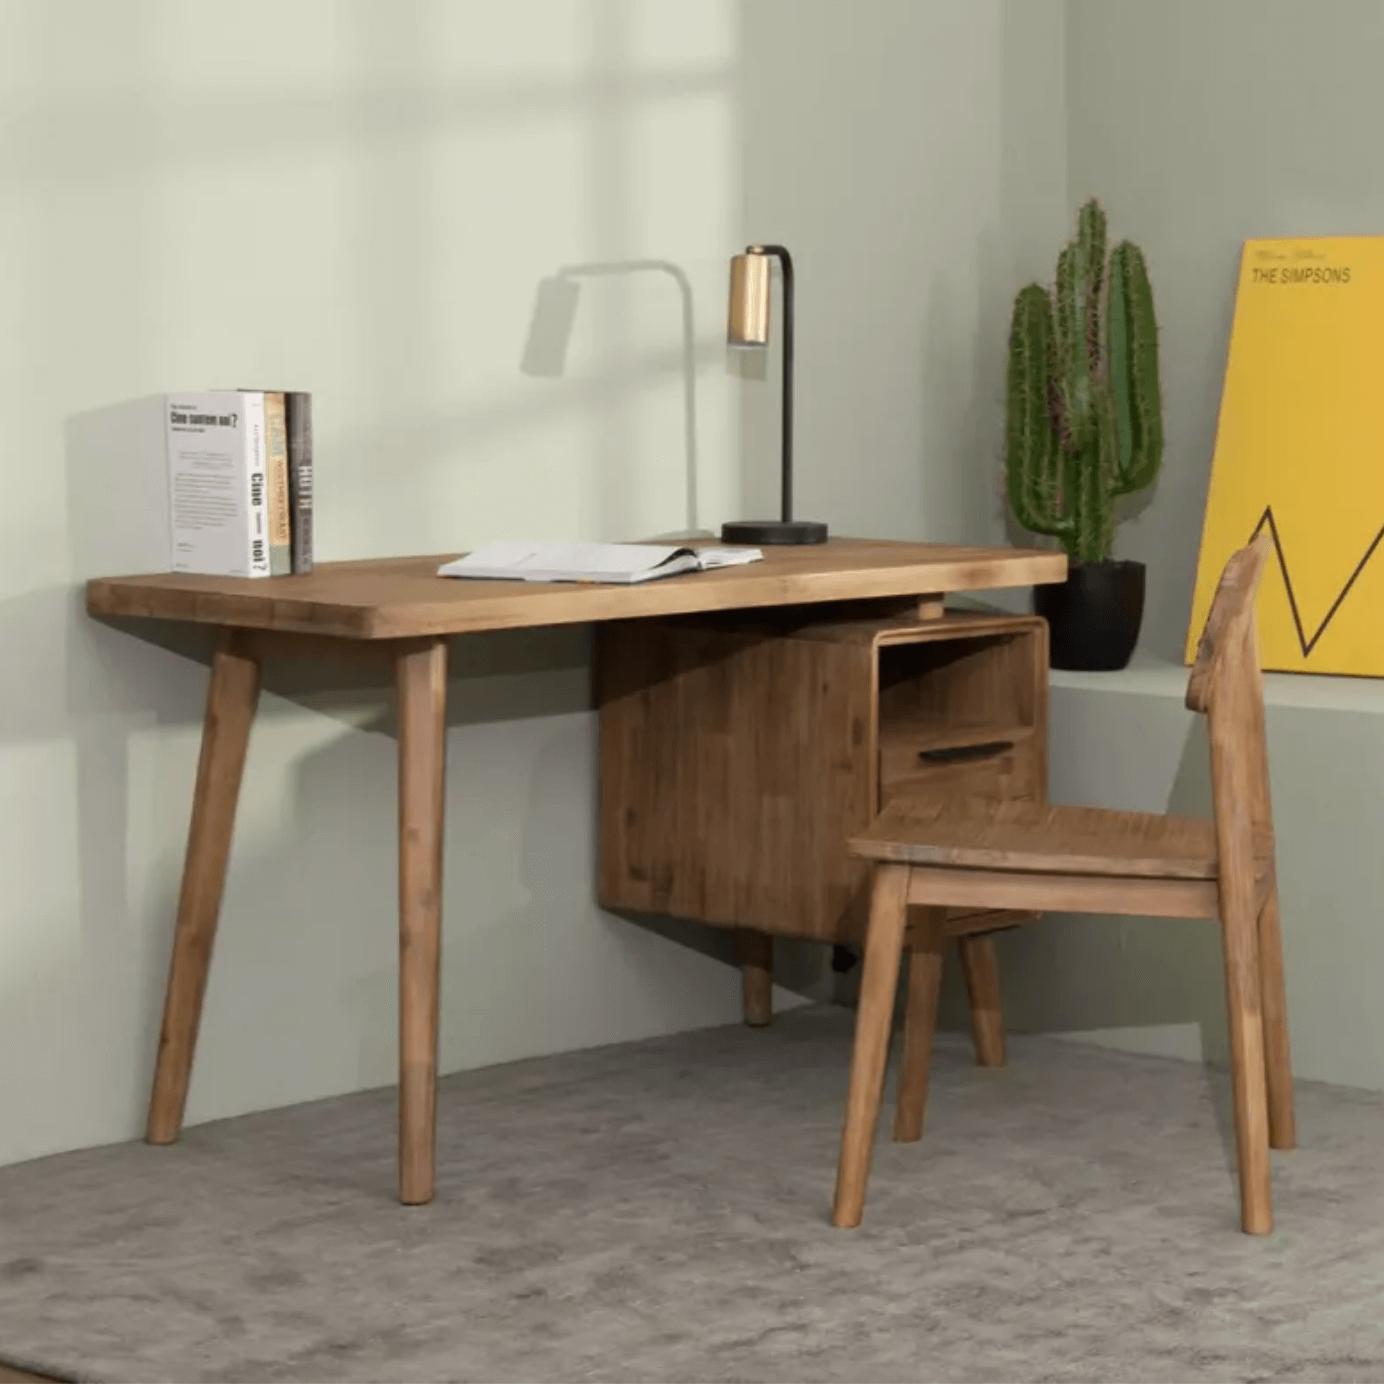 Chọn ghế theo phong cách thiết kế